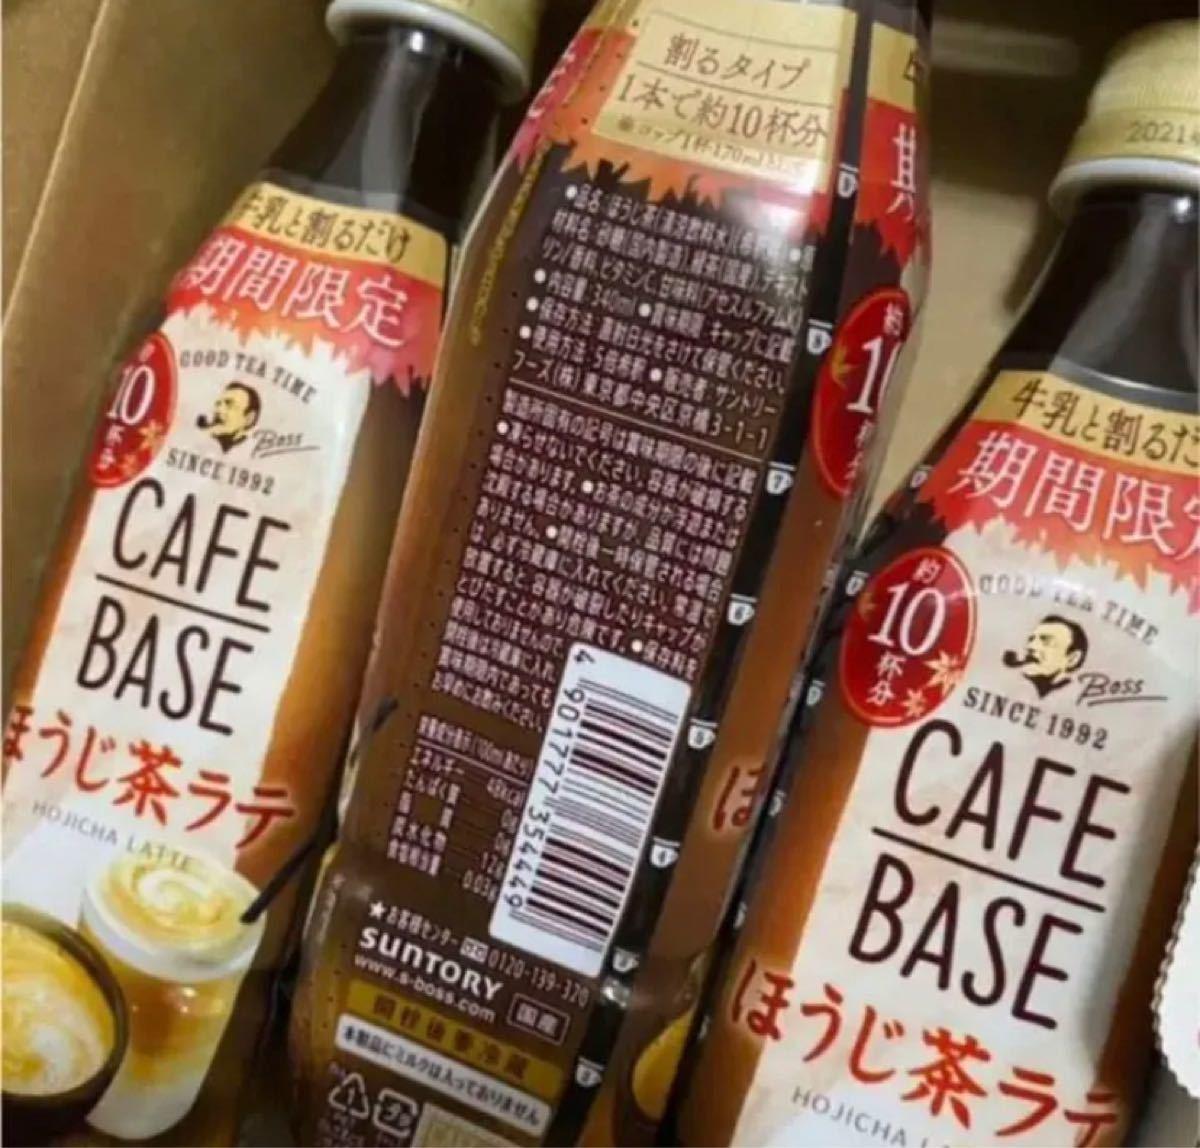 カフェベース ほうじ茶ラテ3本セット